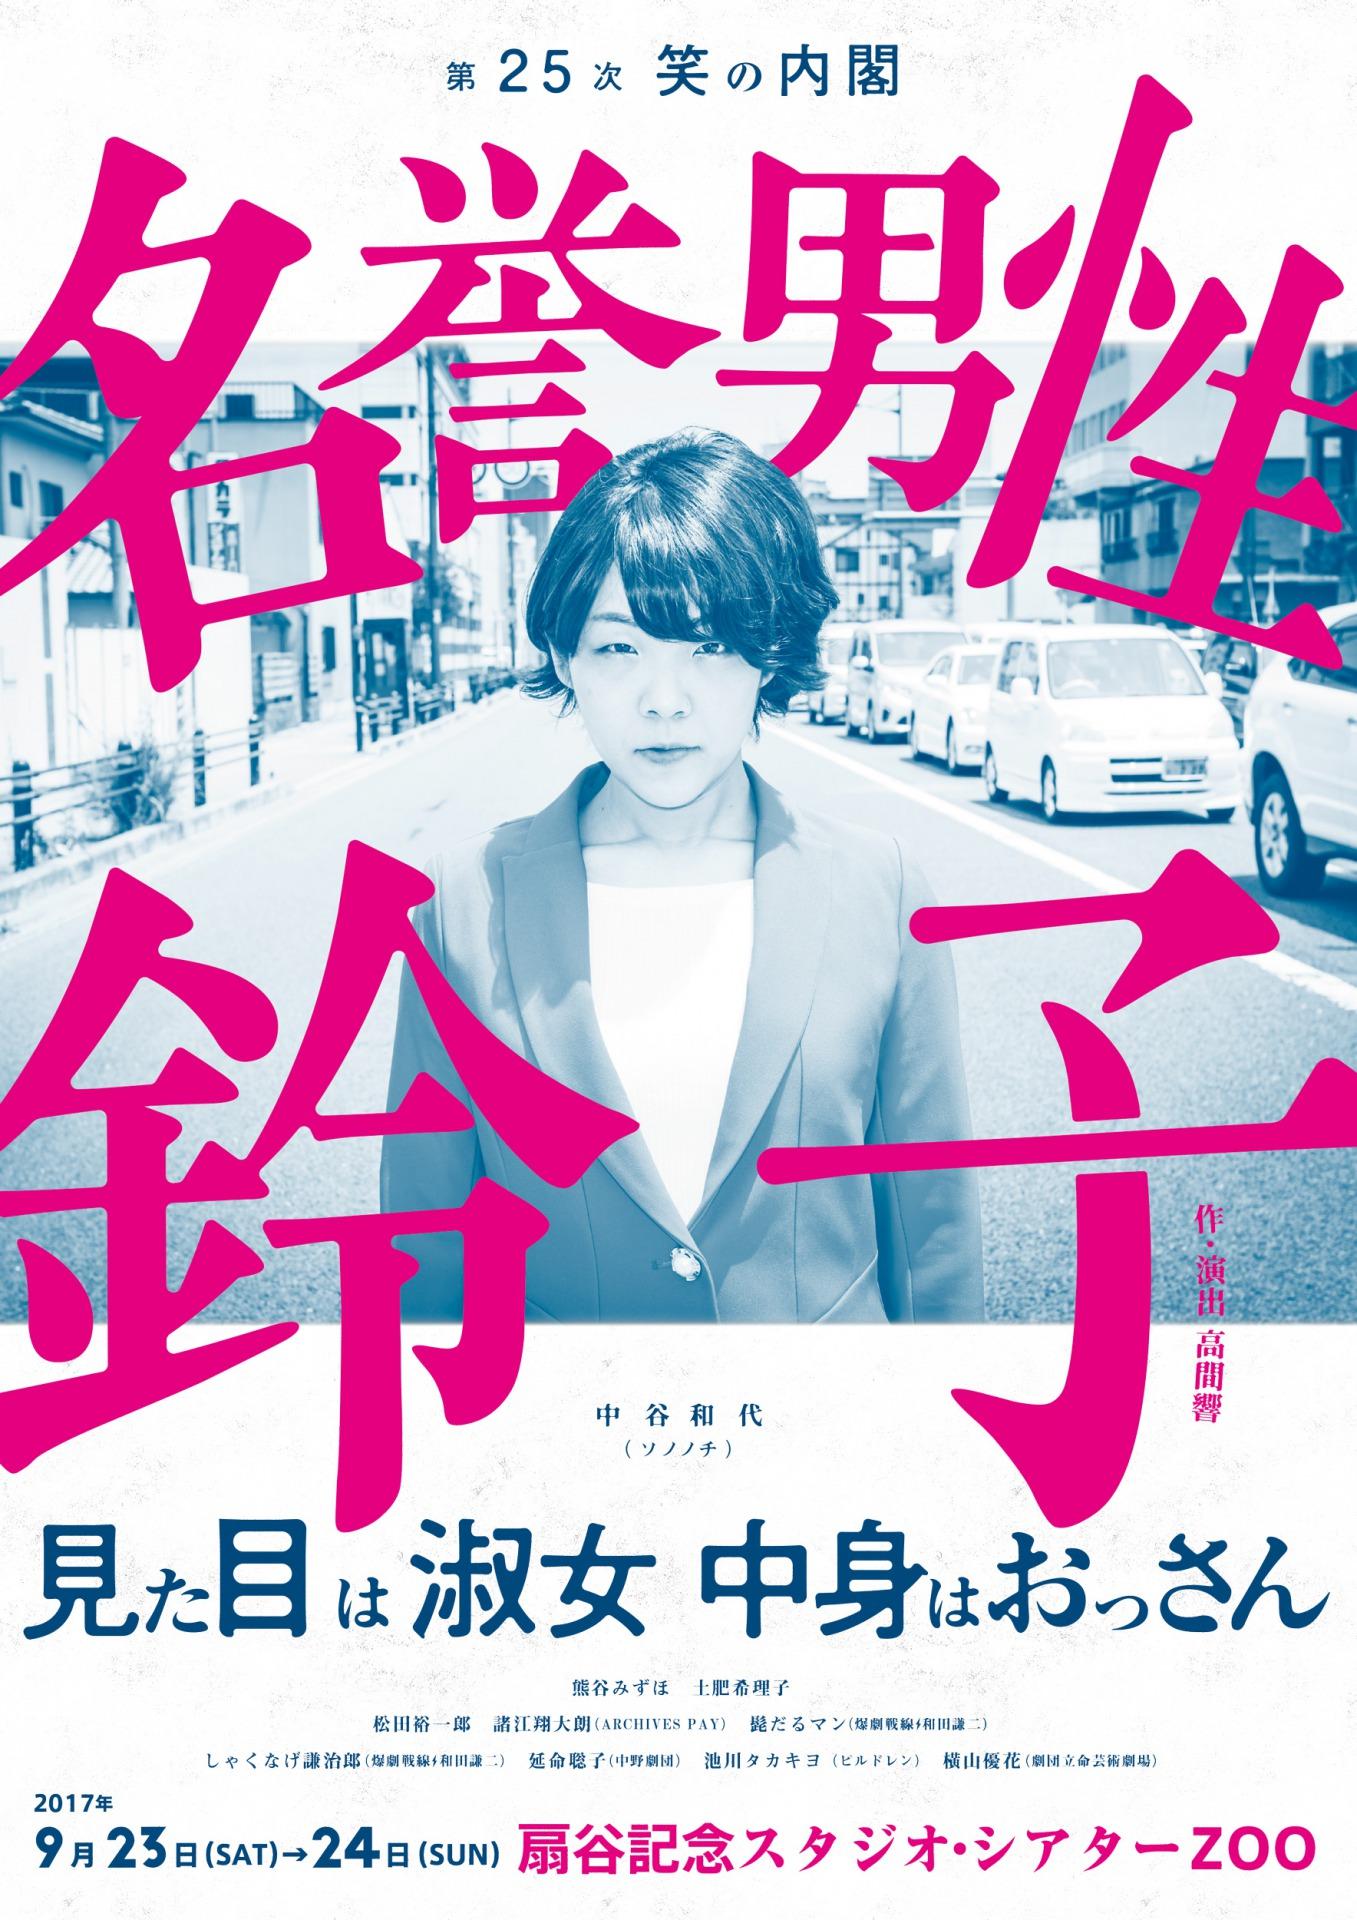 【9月24日11:00】第25次笑の内閣『名誉男性鈴子』(札幌公演)